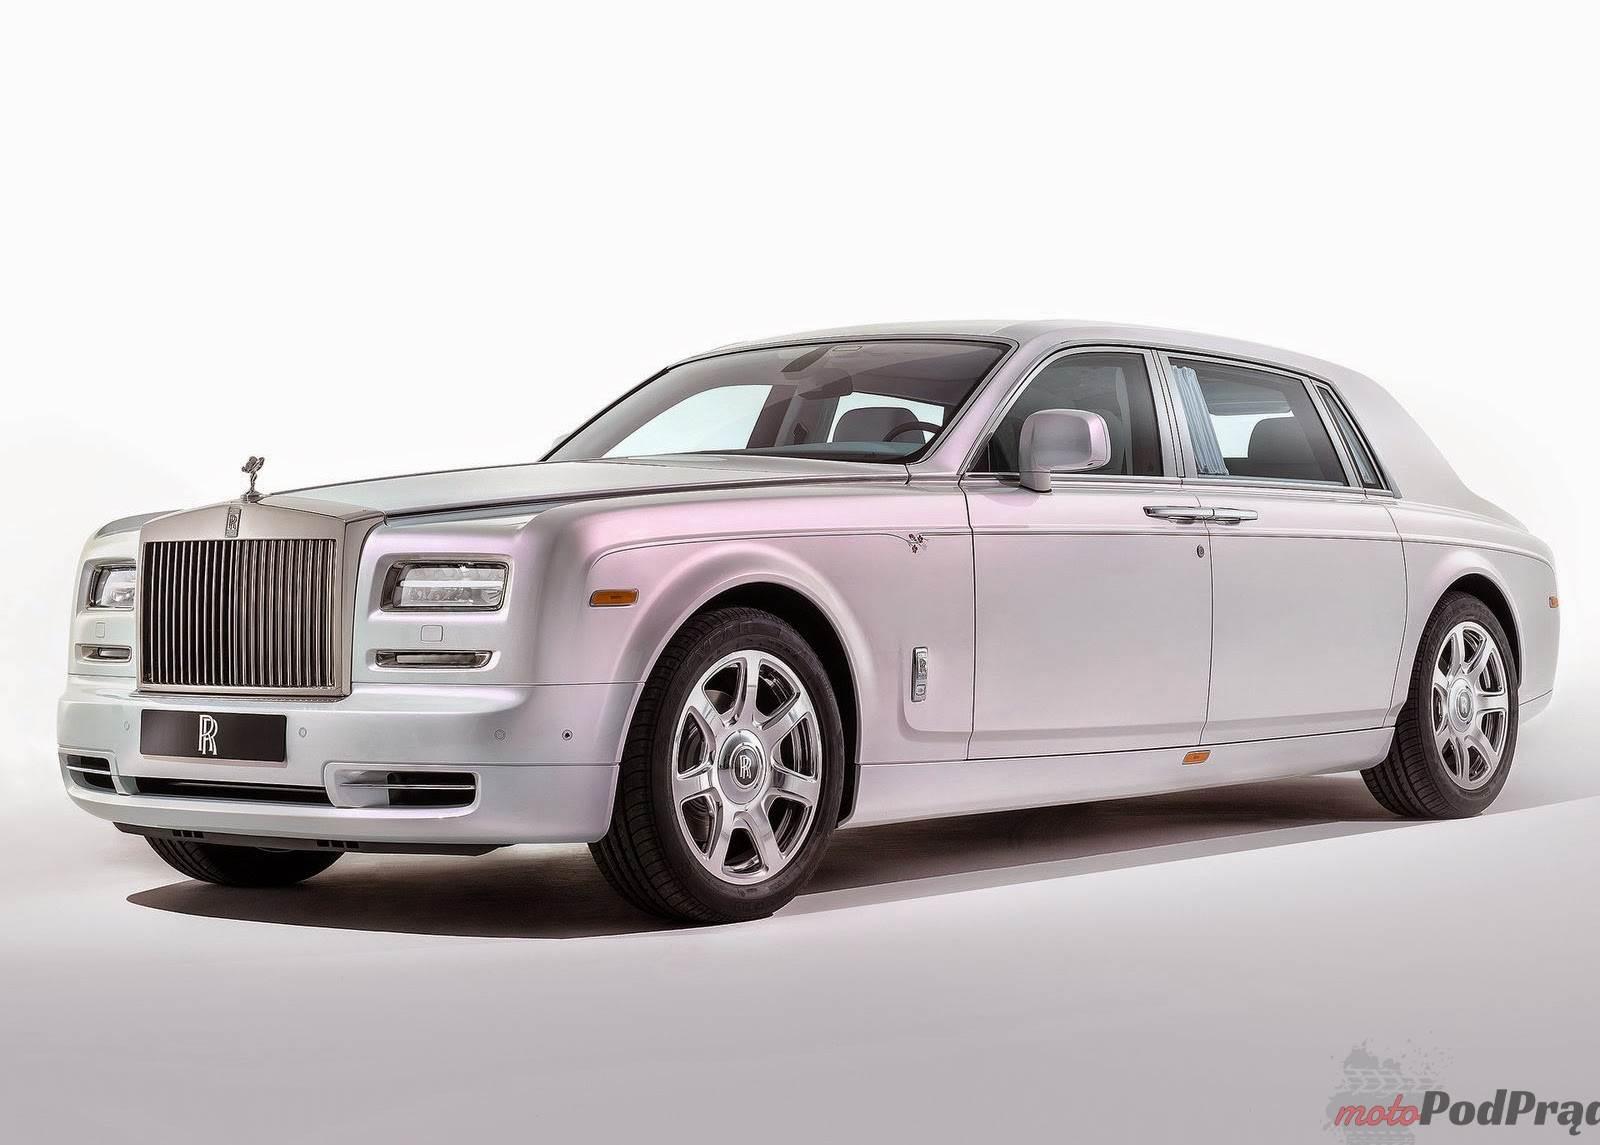 2015 Rolls Royce Phantom Serenity [Genewa 2015] Rolls Royce Phantom Serenity   spokój przede wszystkim